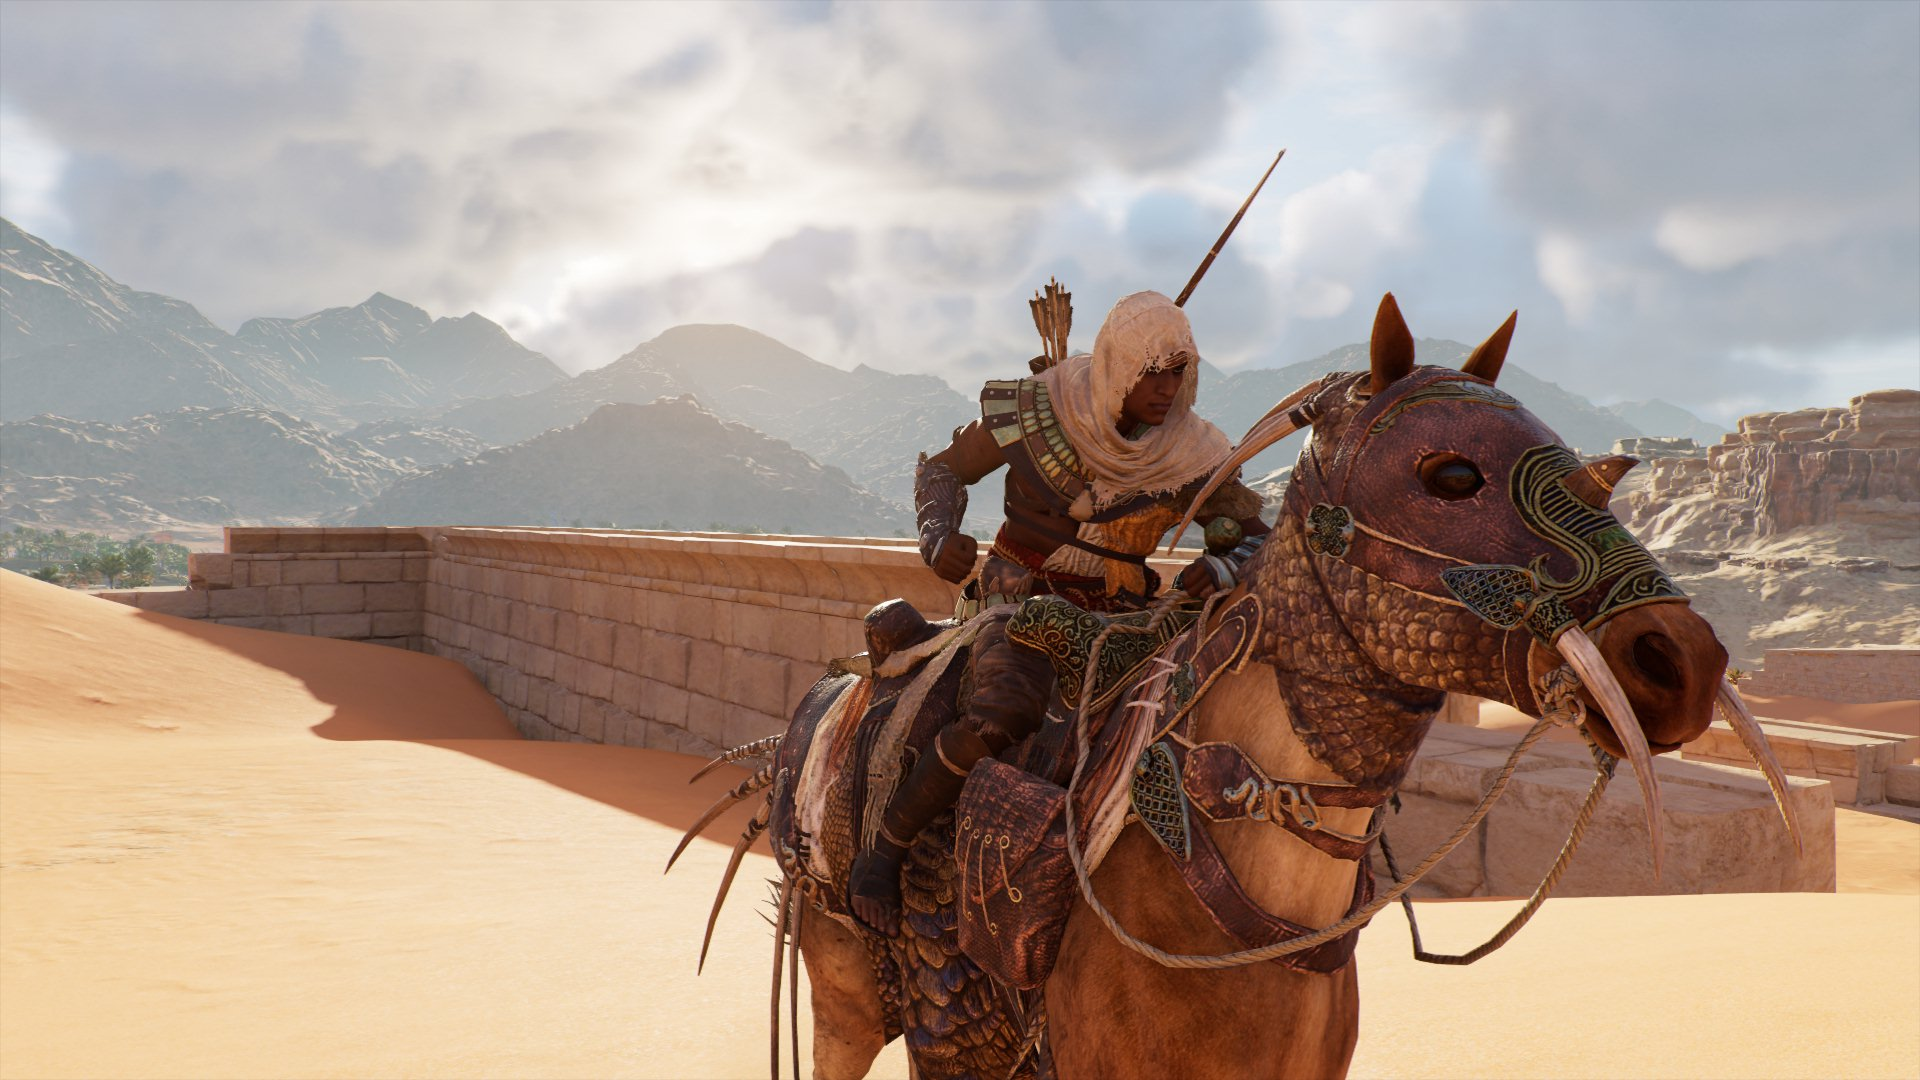 000140.Jpg - Assassin's Creed: Origins